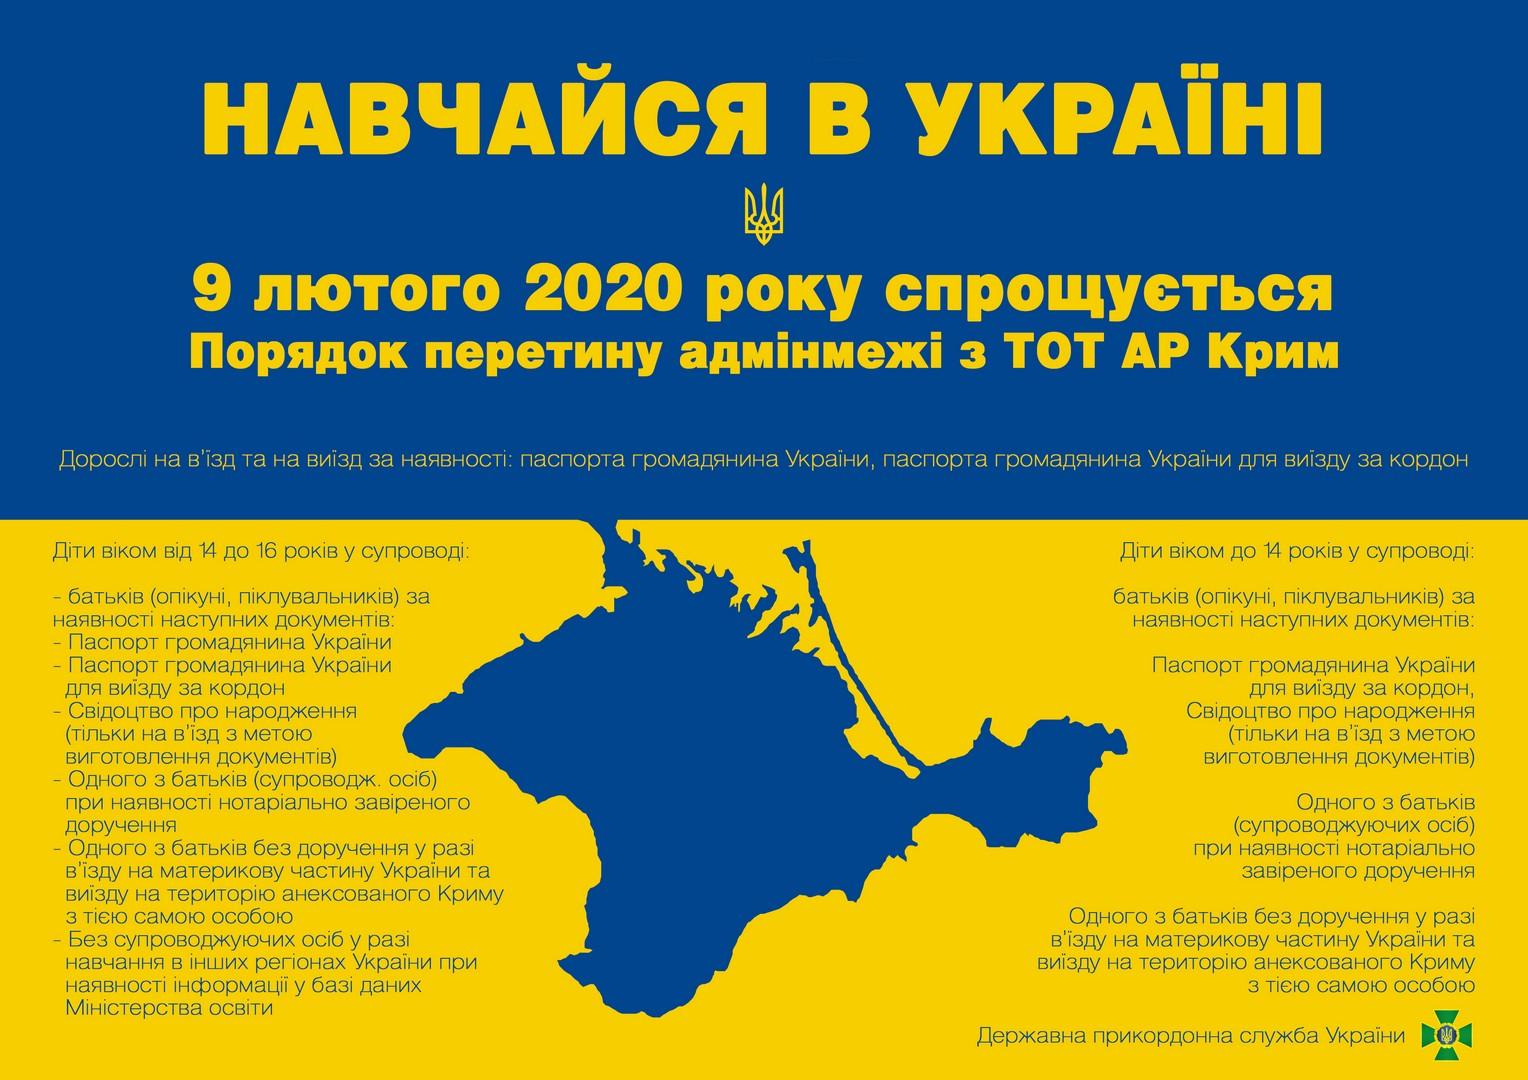 Вступили в силу новые правила пересечения админграницы с Крымом